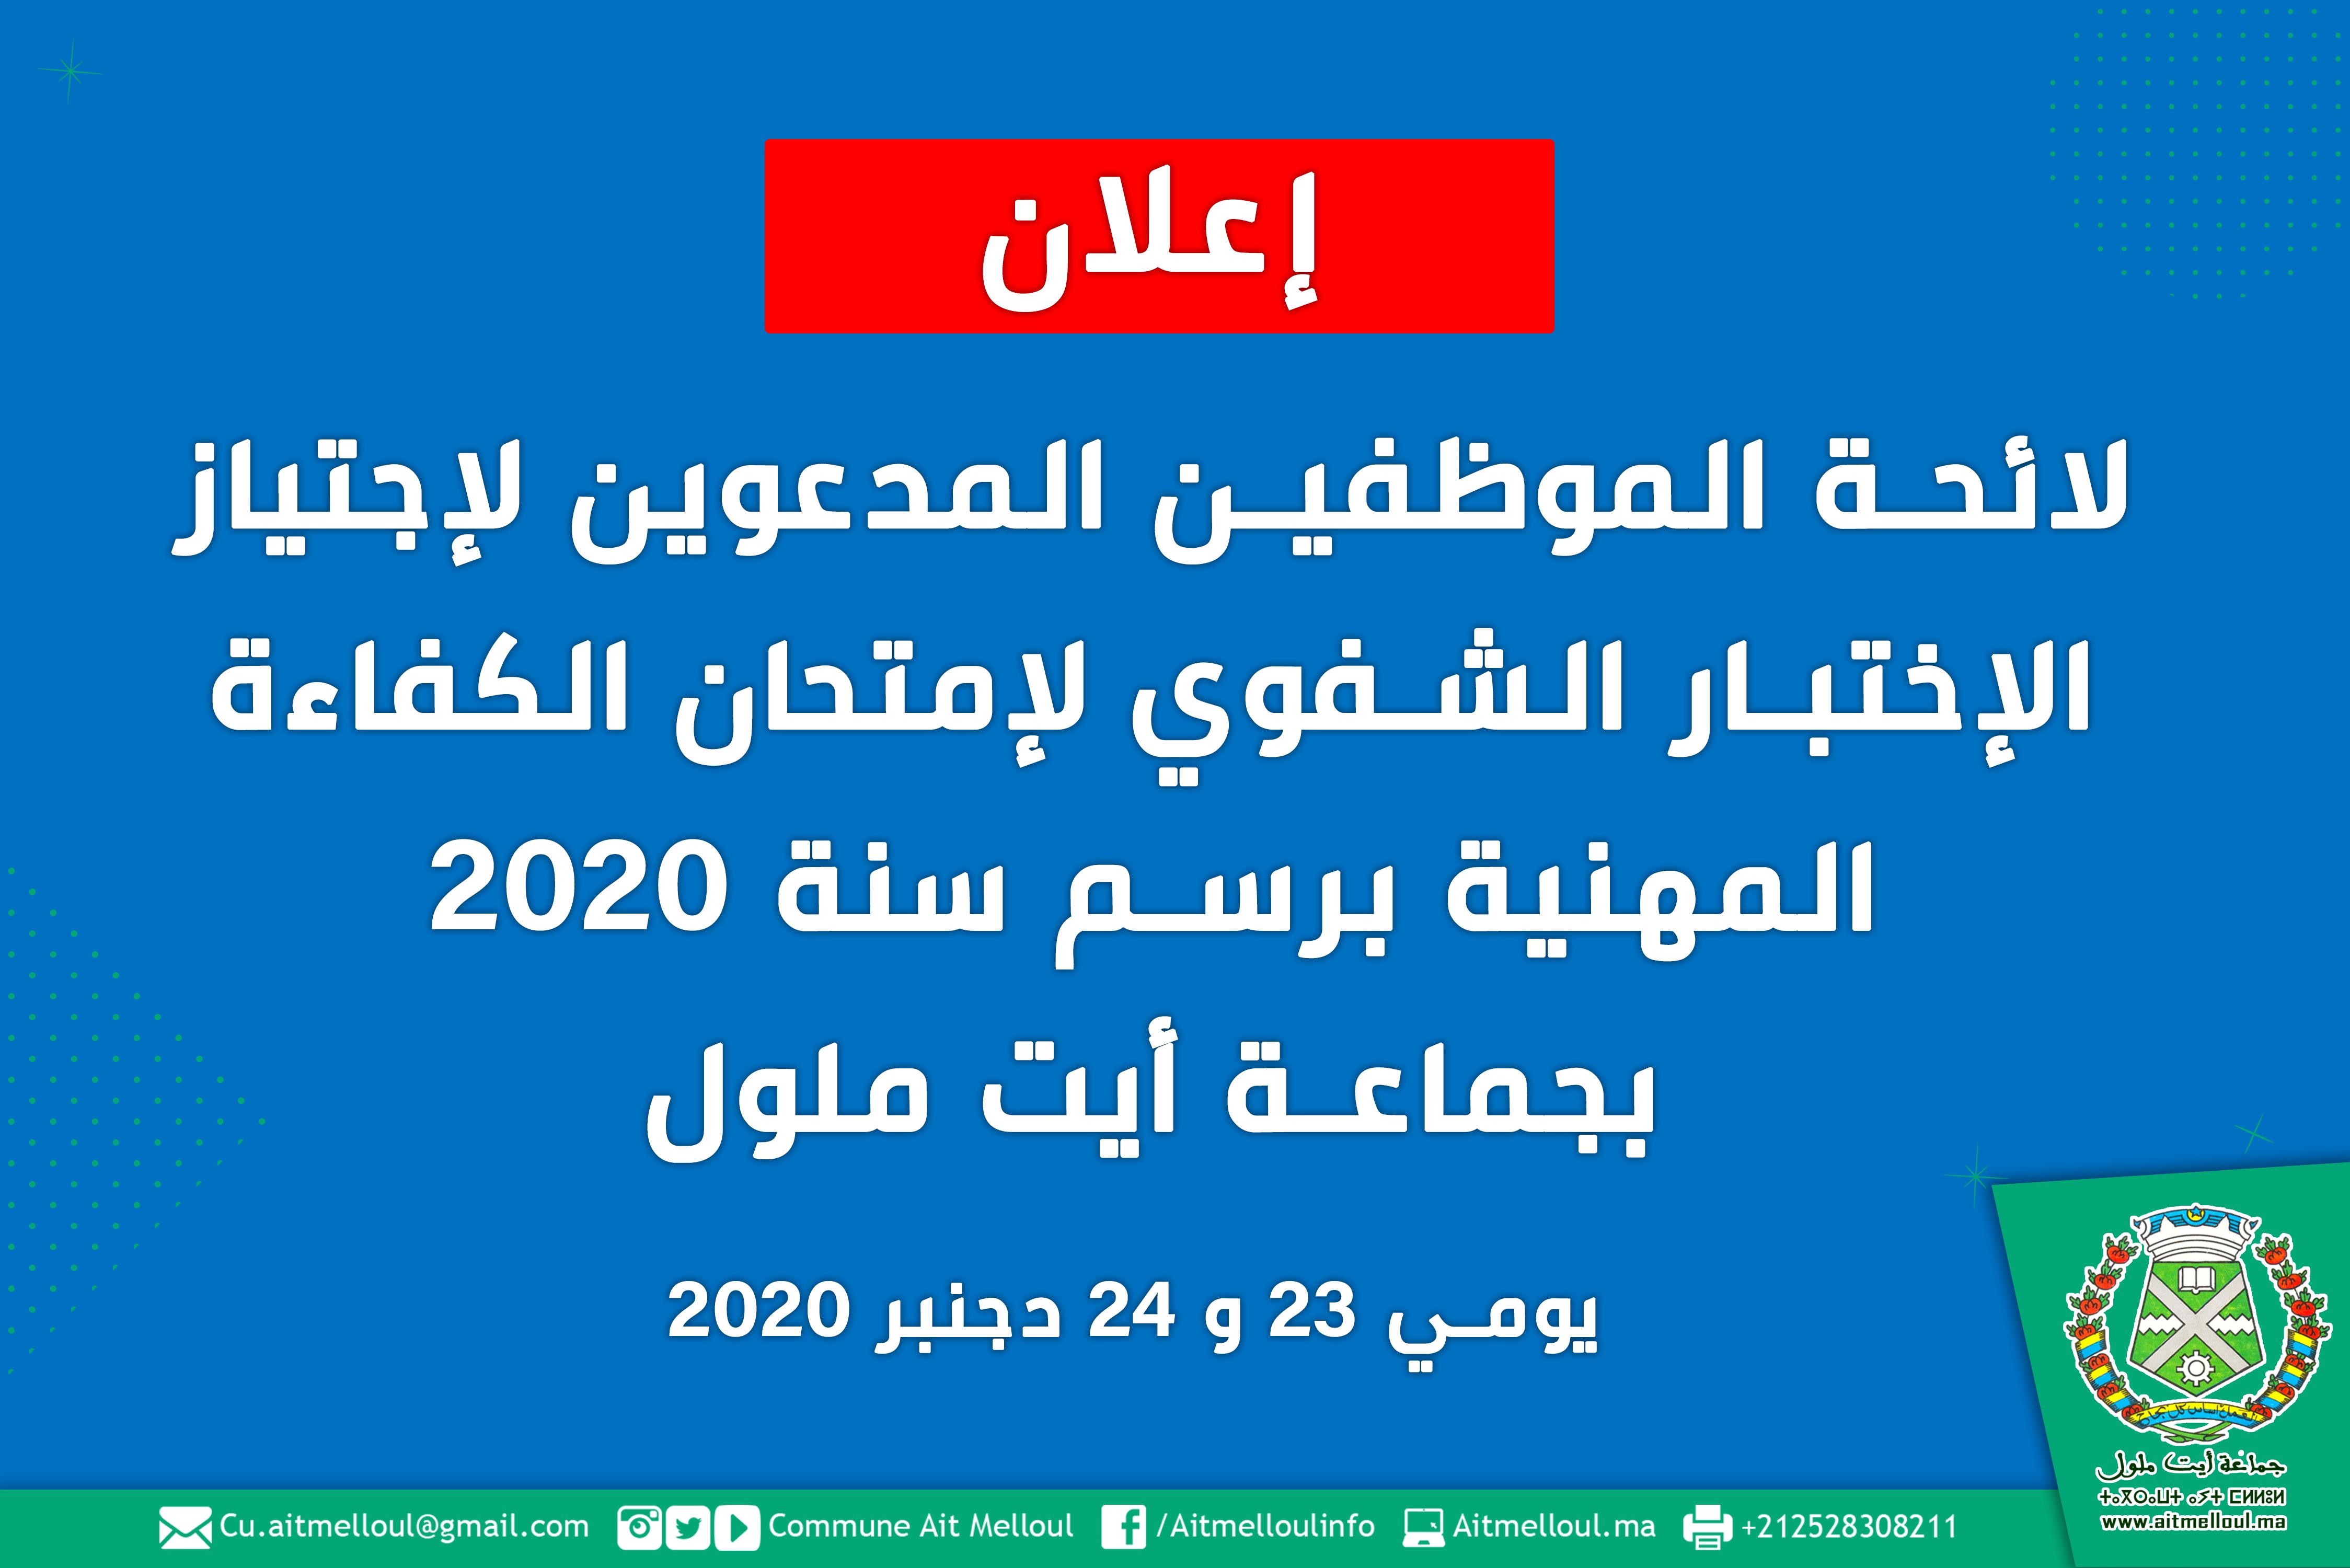 جماعة أيت ملول - لائحة الموظفين المدعوين لإجتياز الإختبار الشفوي لإمتحان الكفاءة المهنية برسم سنة 2020